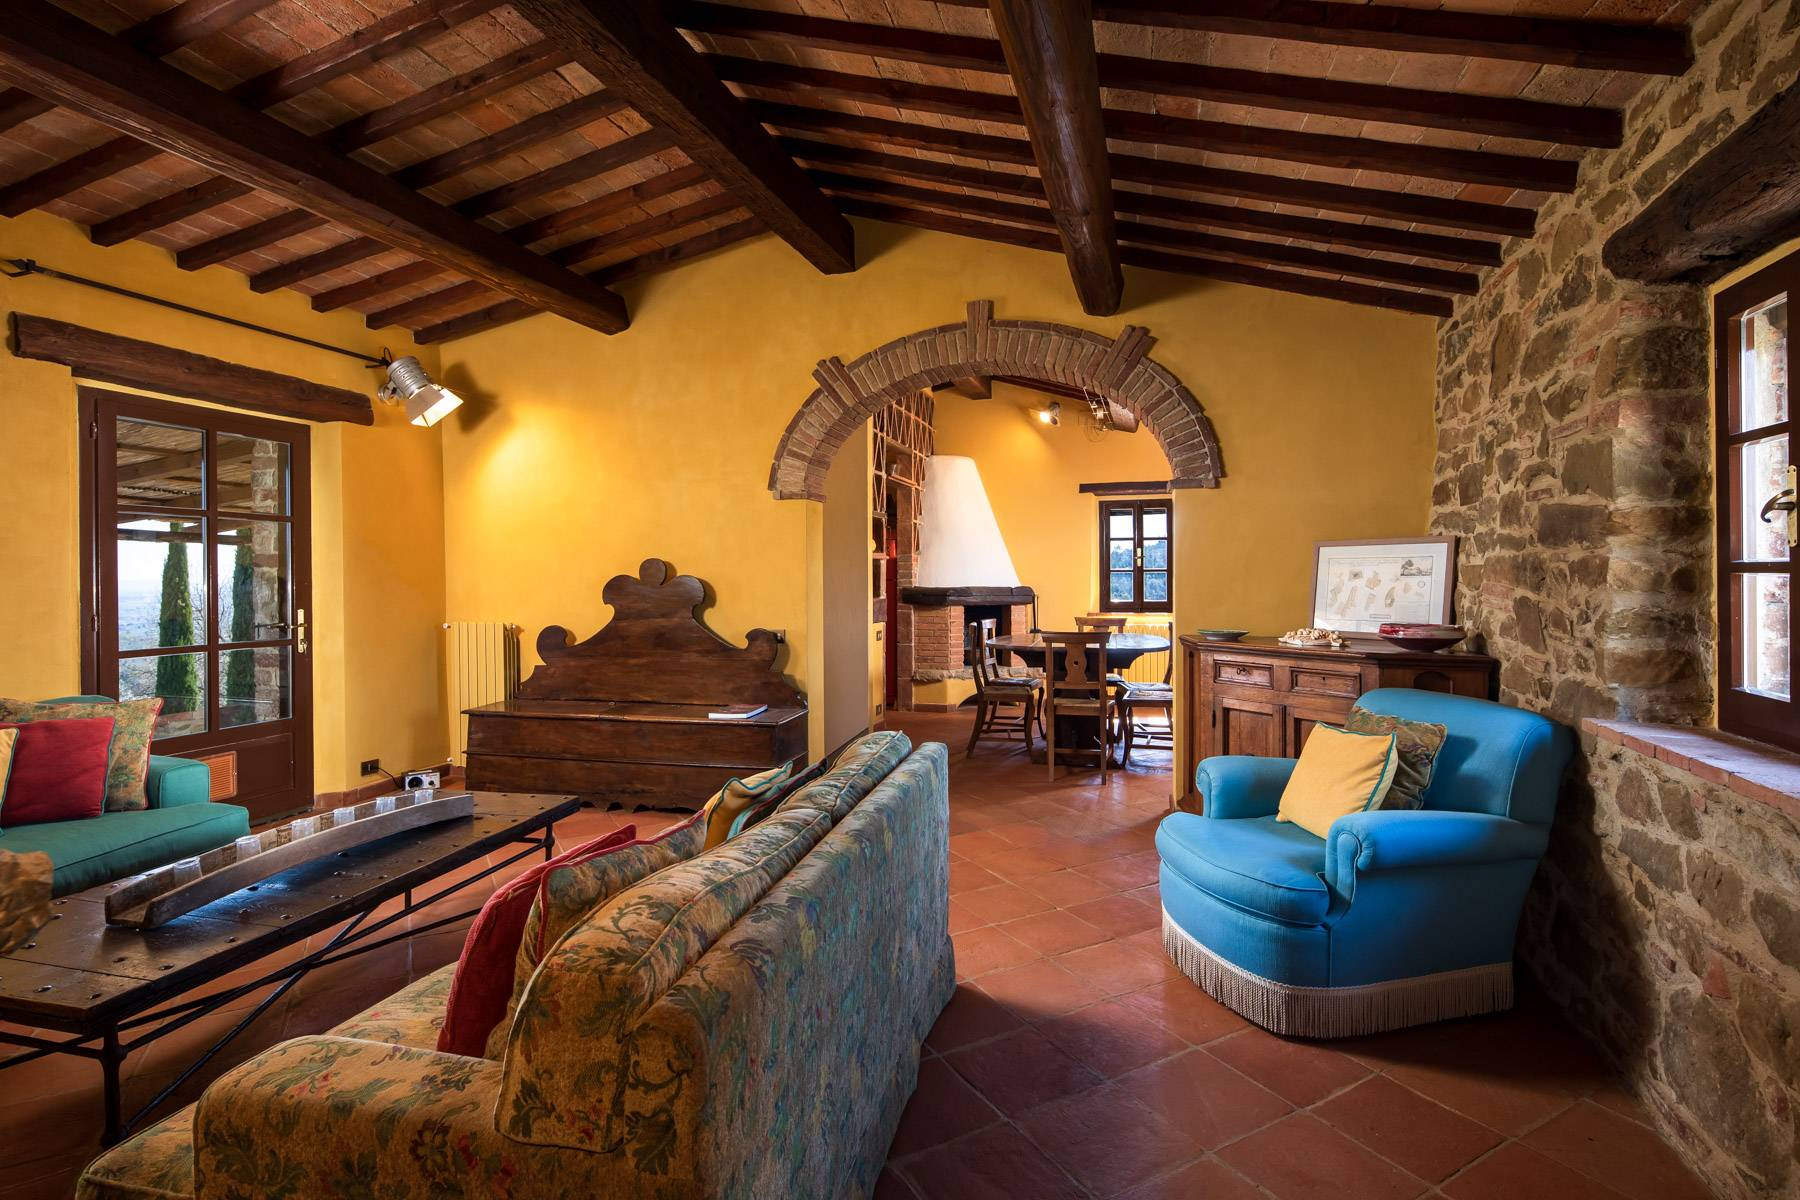 Rustico in Vendita a Monte San Savino: 5 locali, 307 mq - Foto 16